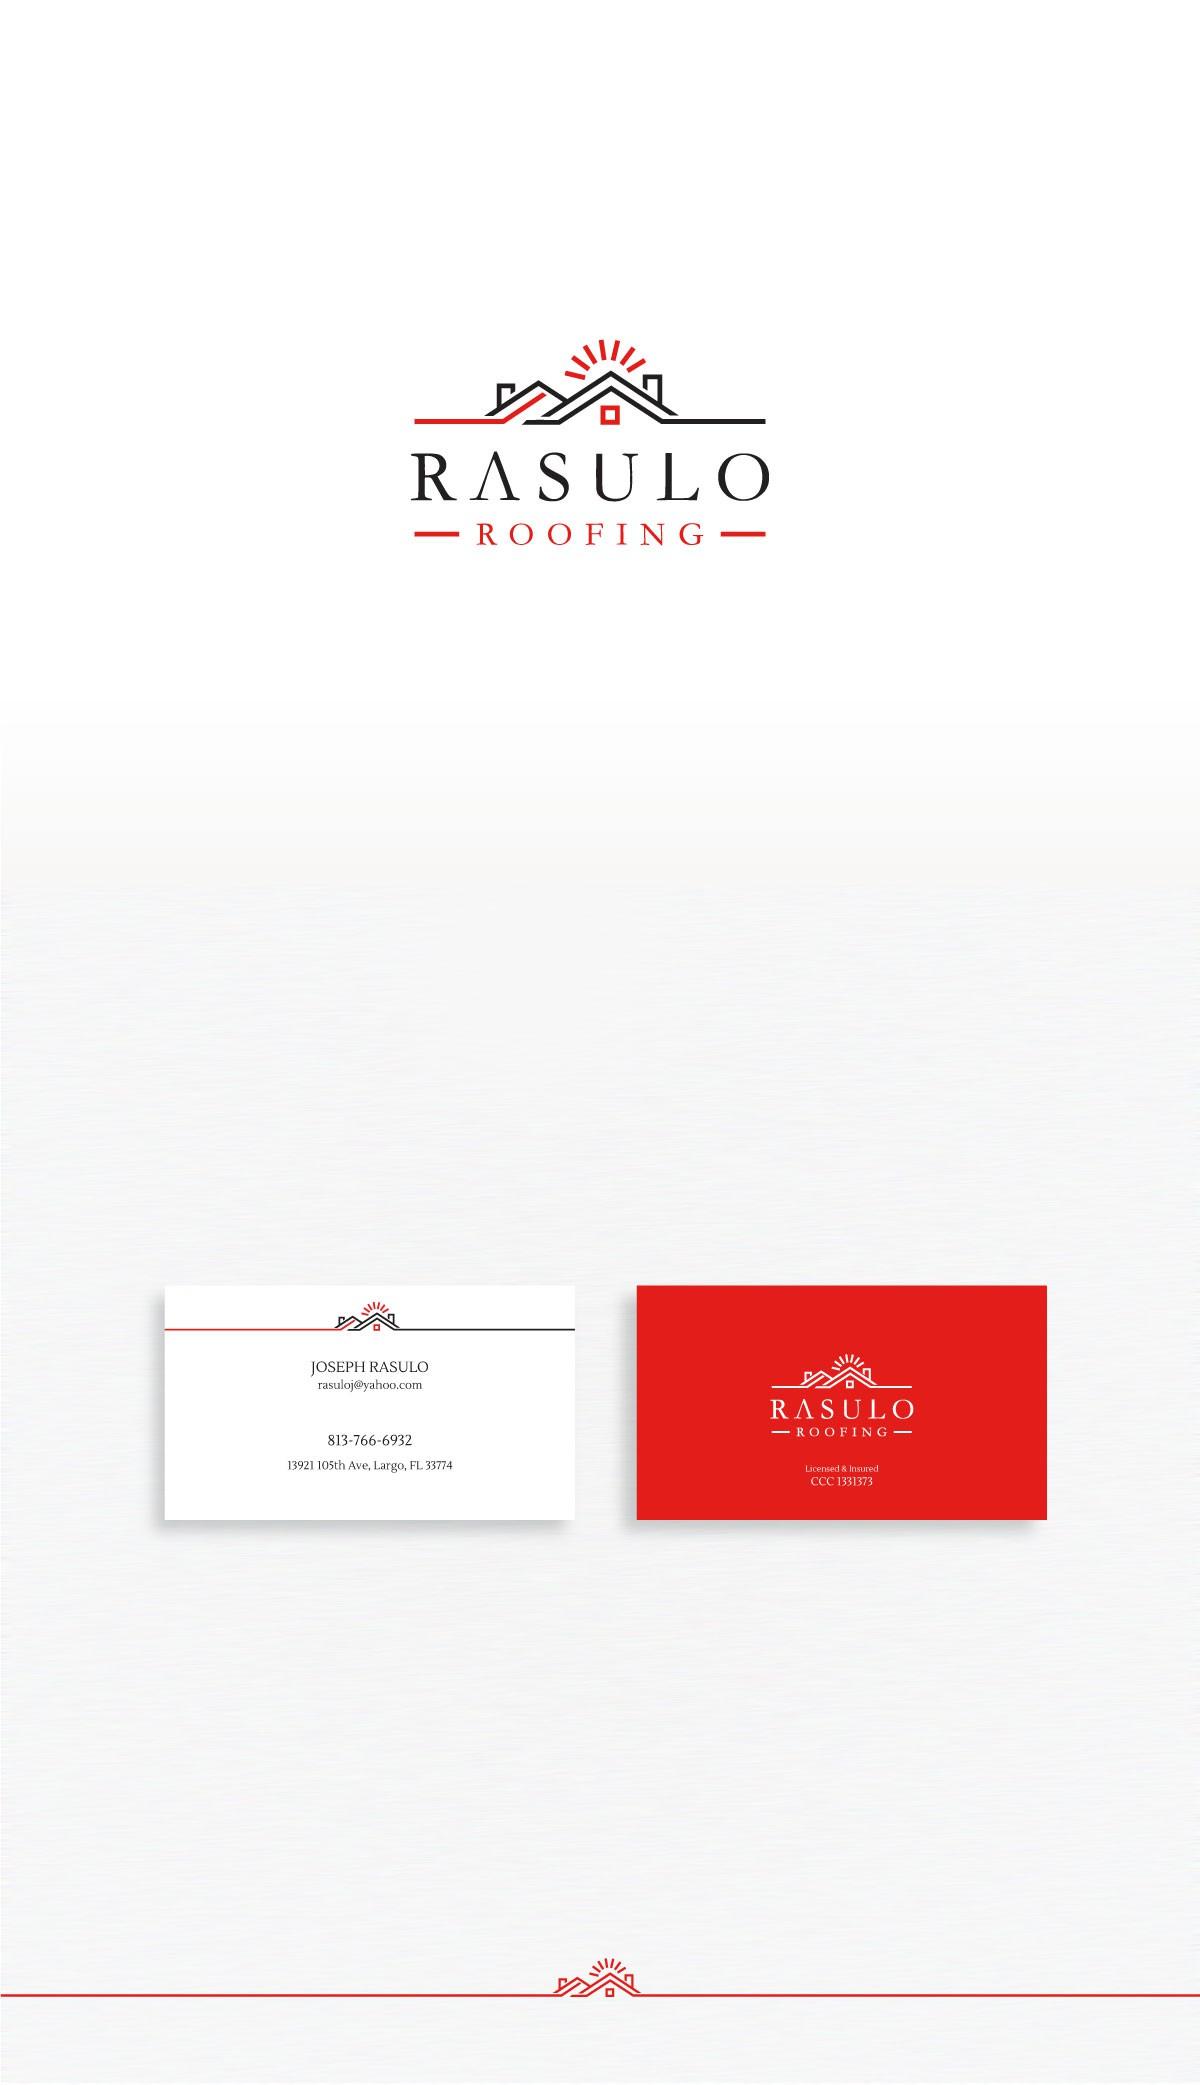 Rasulo Roofing